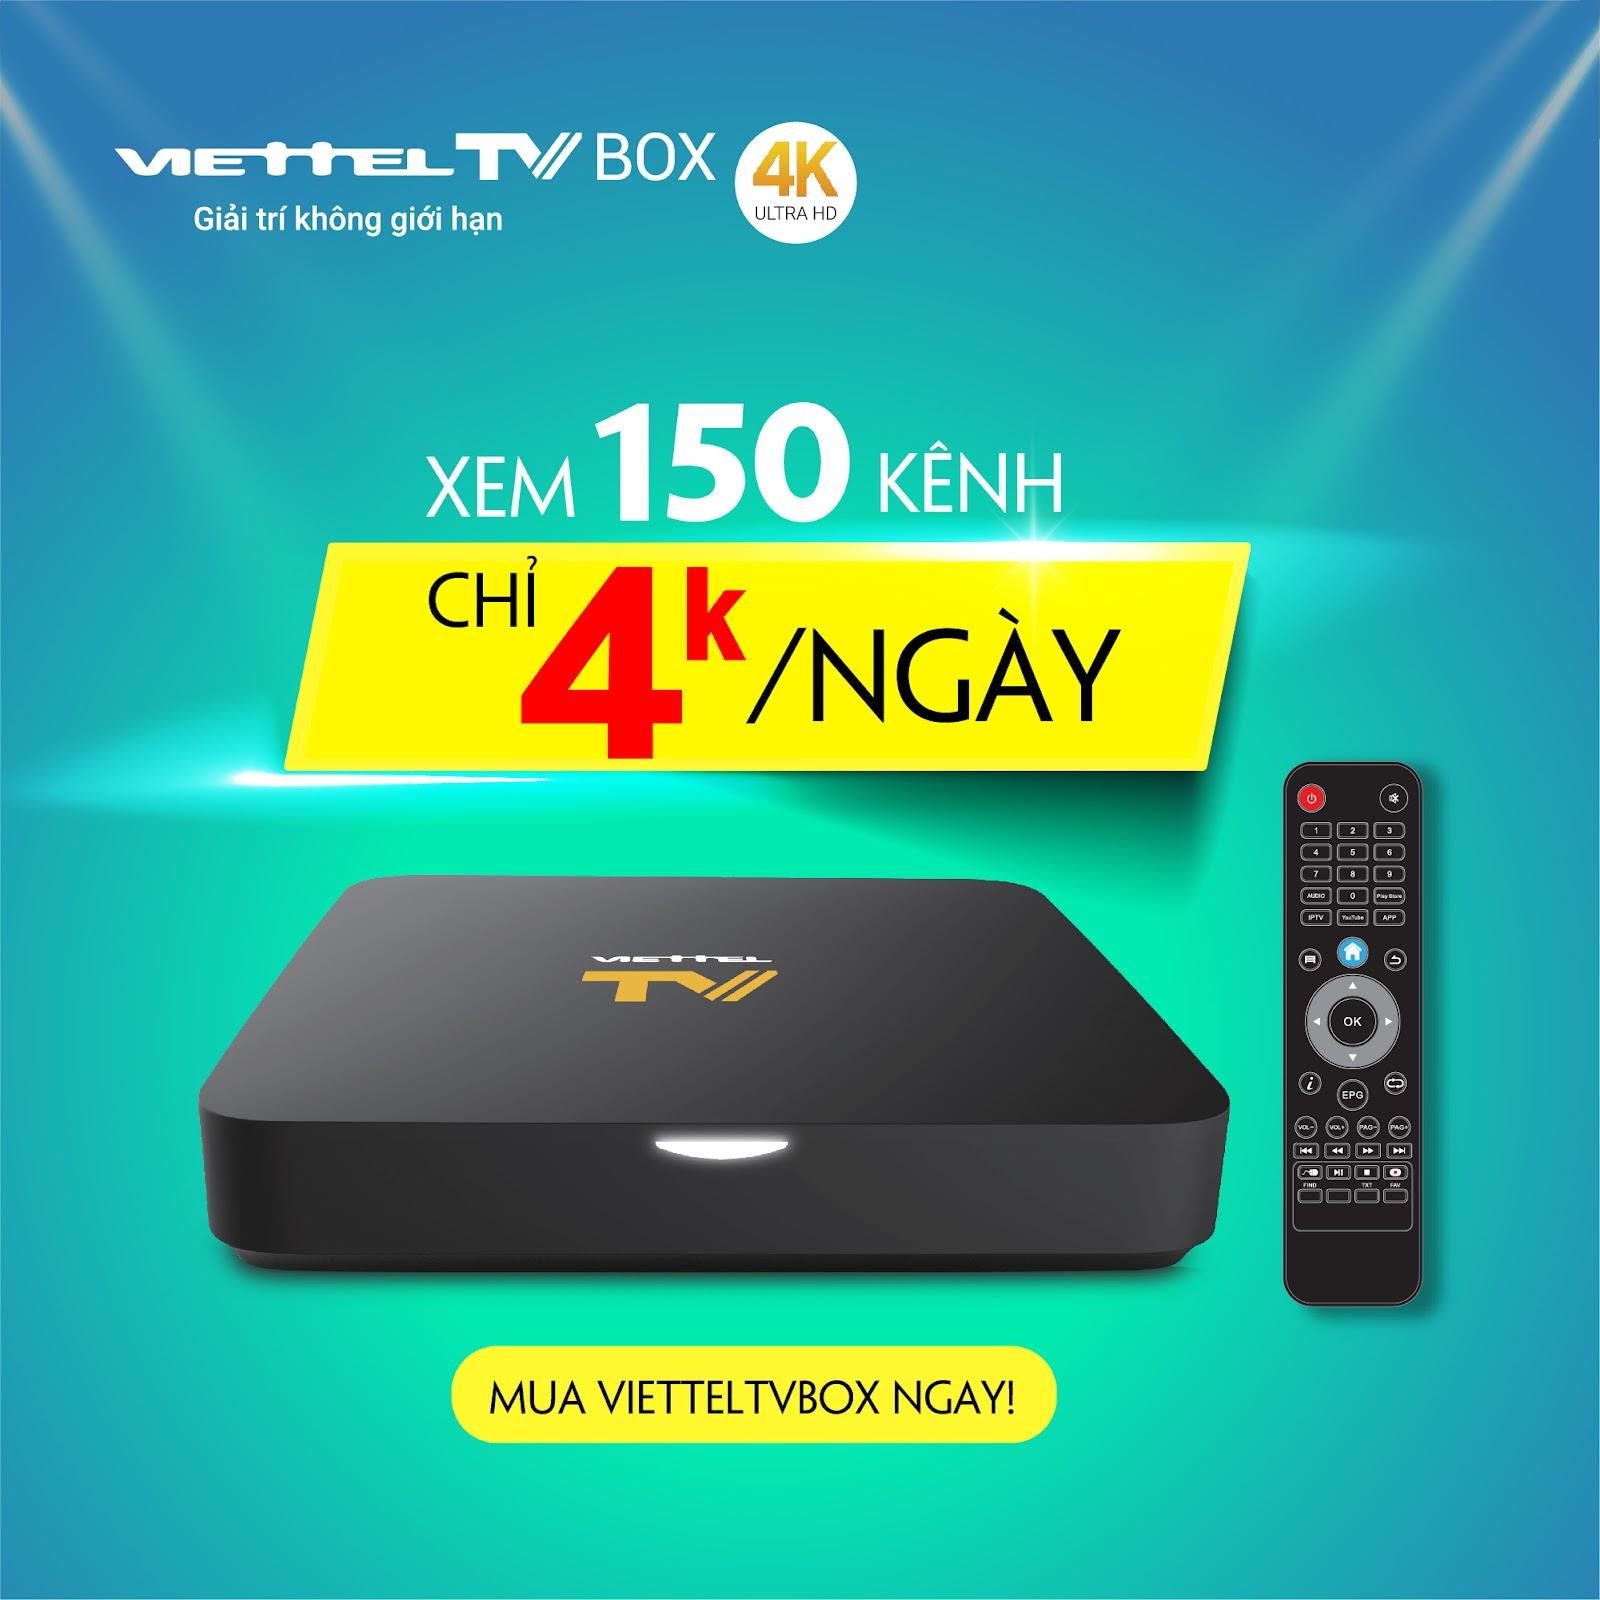 ViettelTV - Truyền hình tương tác